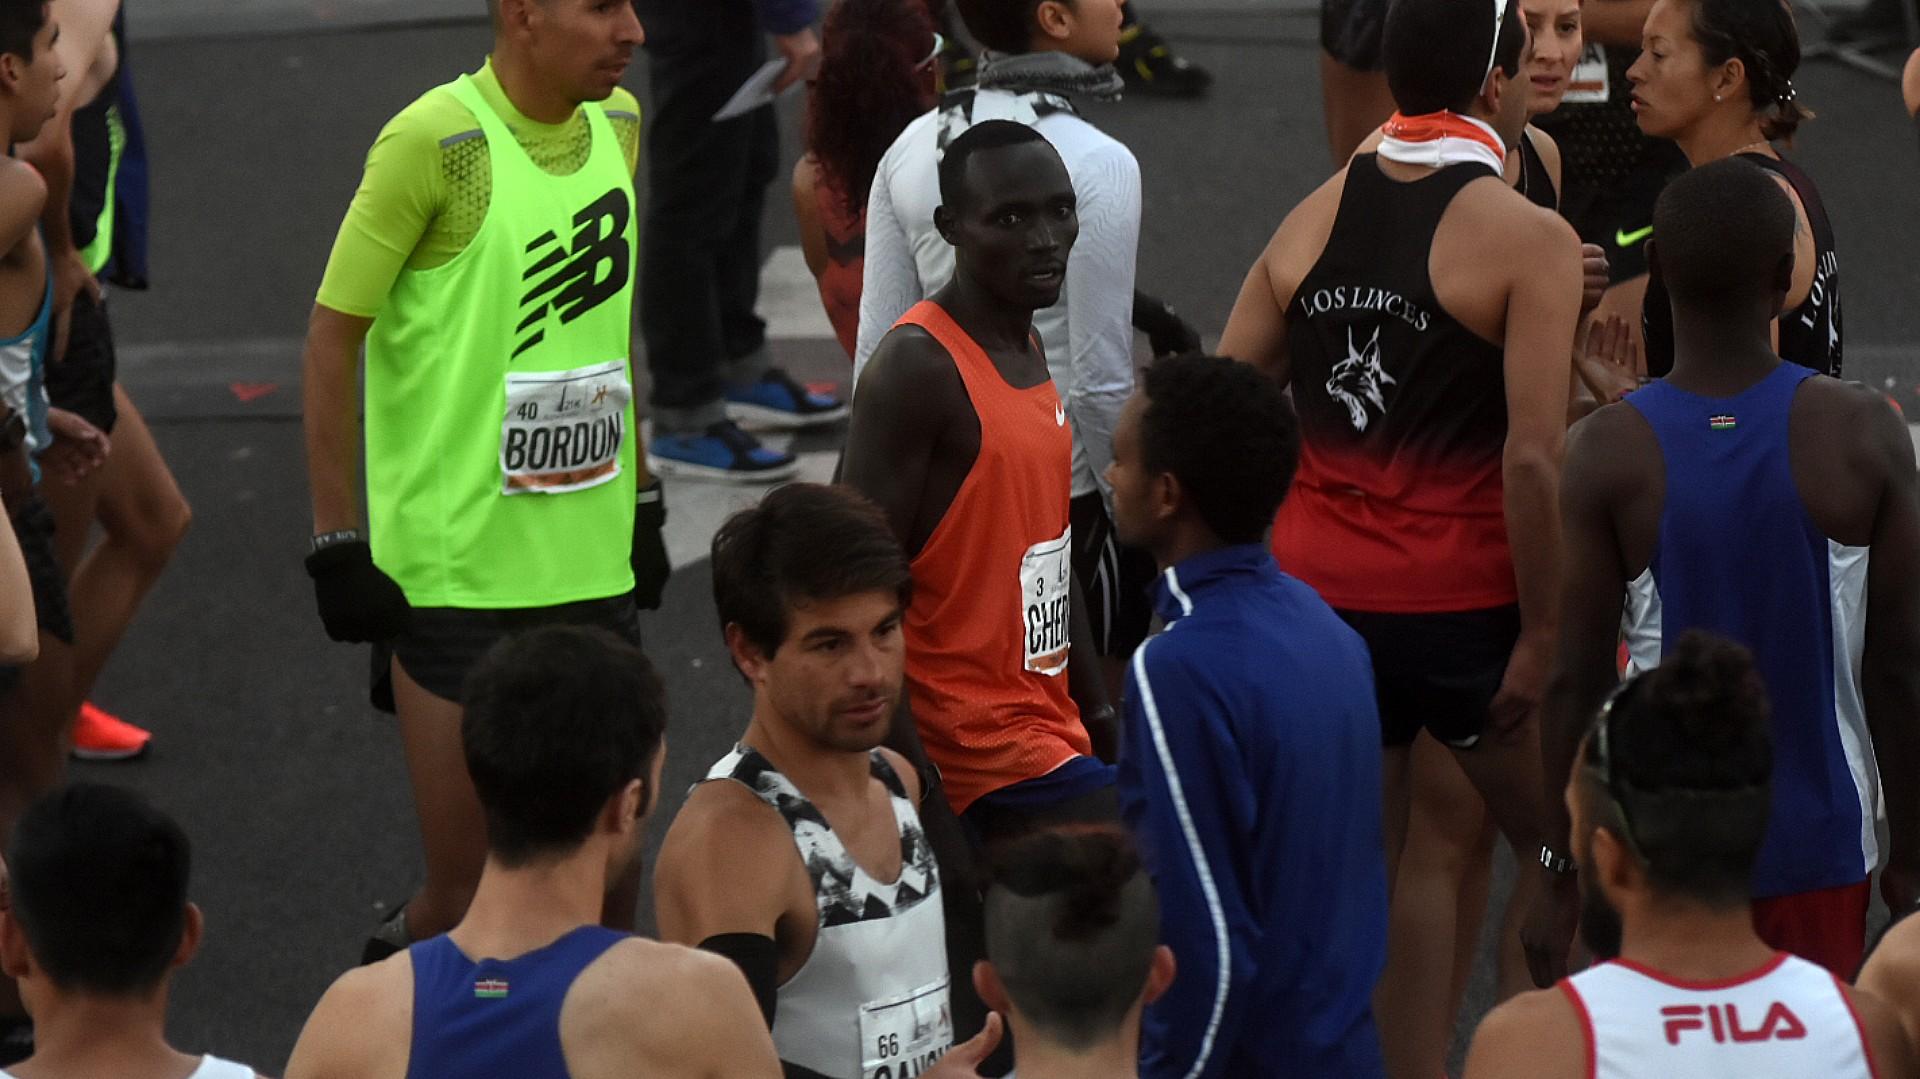 Los corredores africanos fueron las grandes estrellas de la maratón. Ya se esperaba que el keniata Bedan Karoki y el etíope Mosinet Geremew rompieran el récord